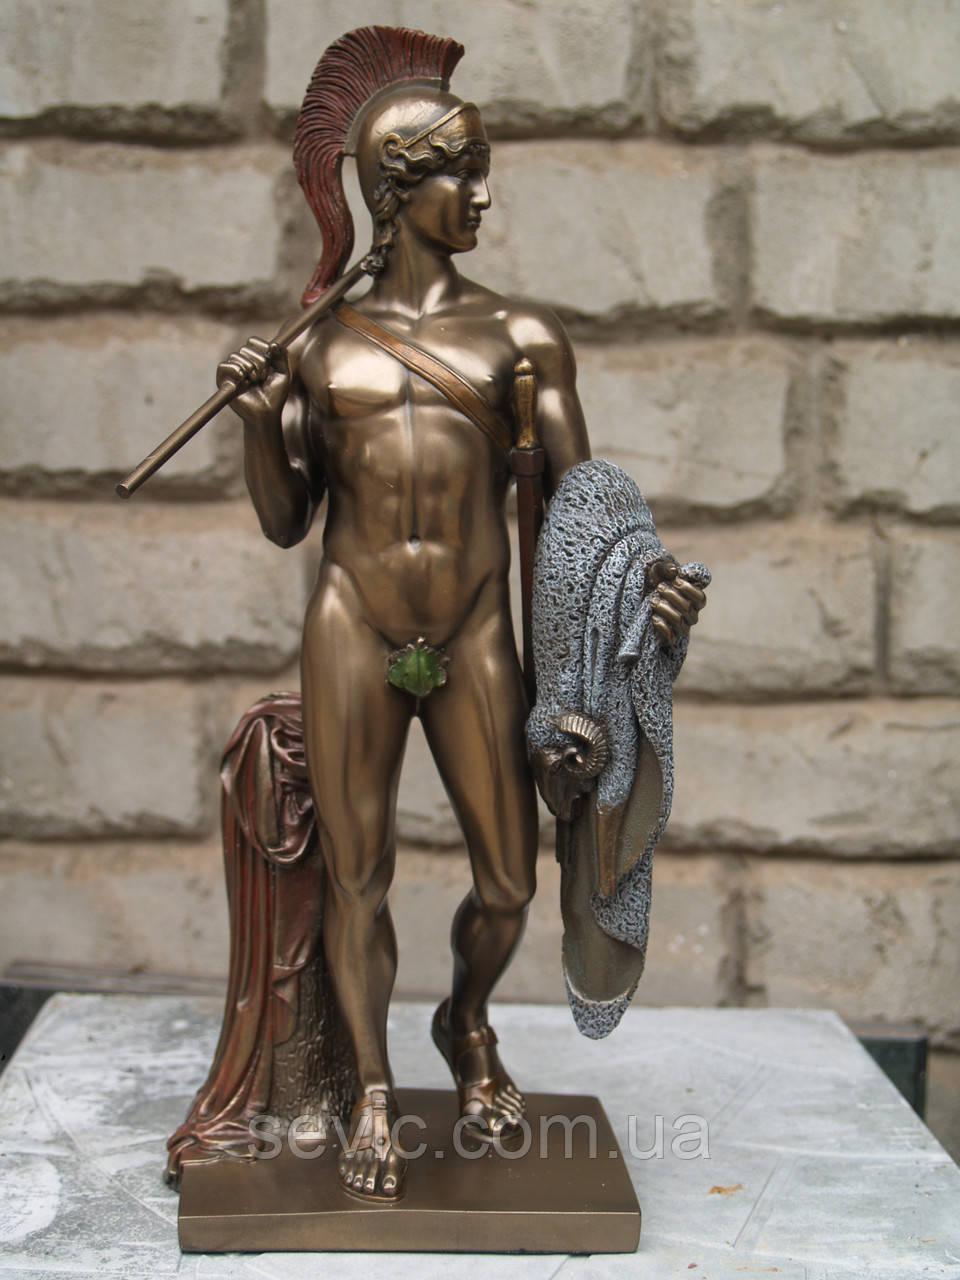 Статуэтка Veronese Ясон и золотое руно 32 см